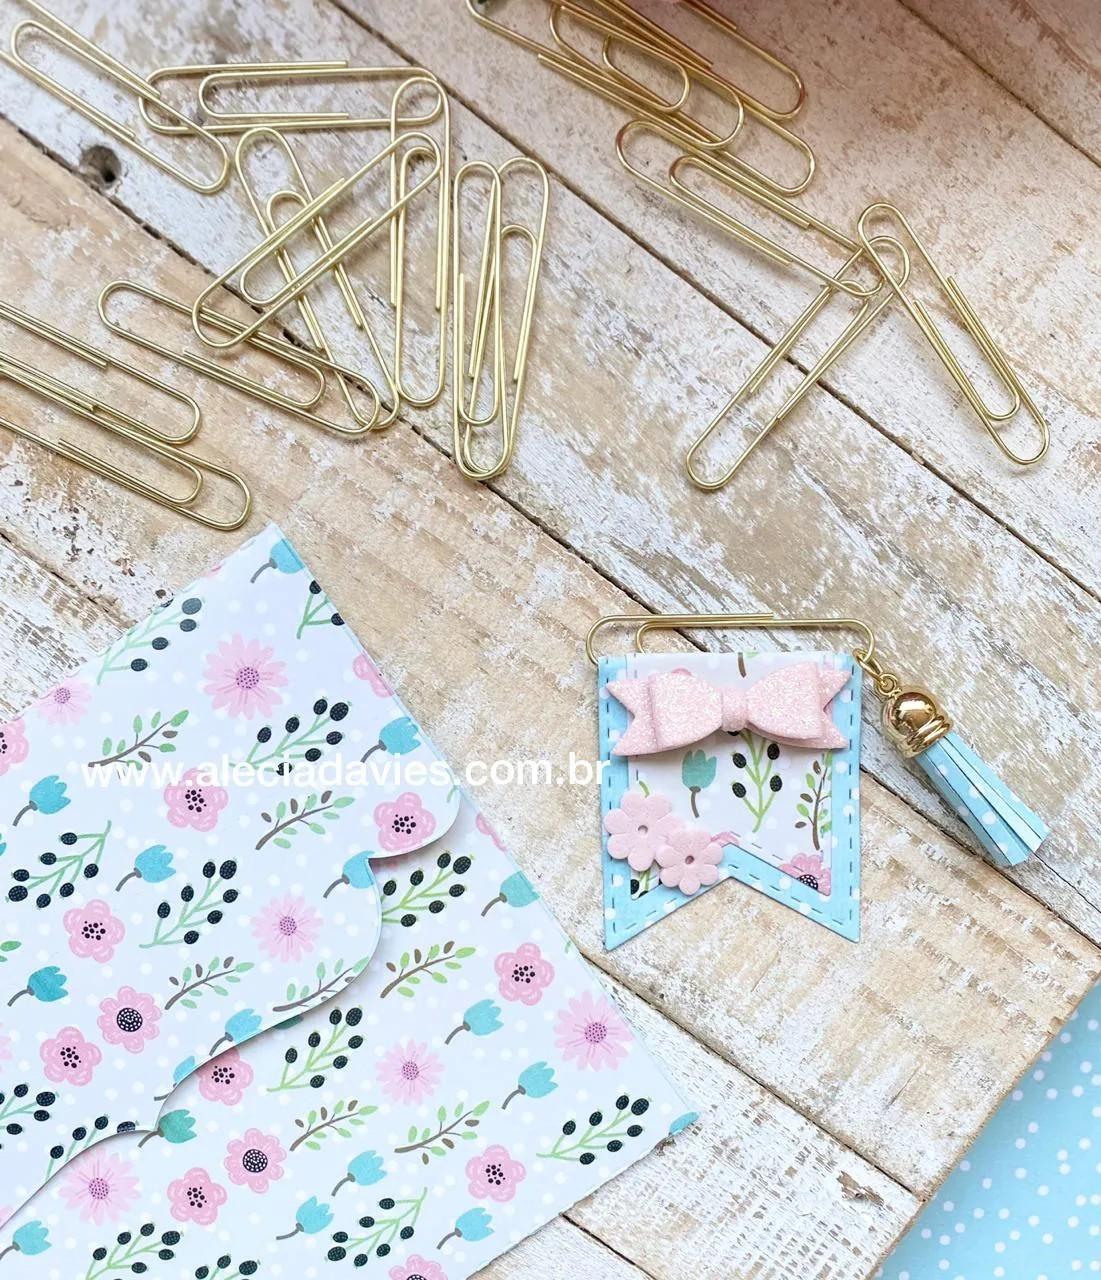 clips dourado (longo)